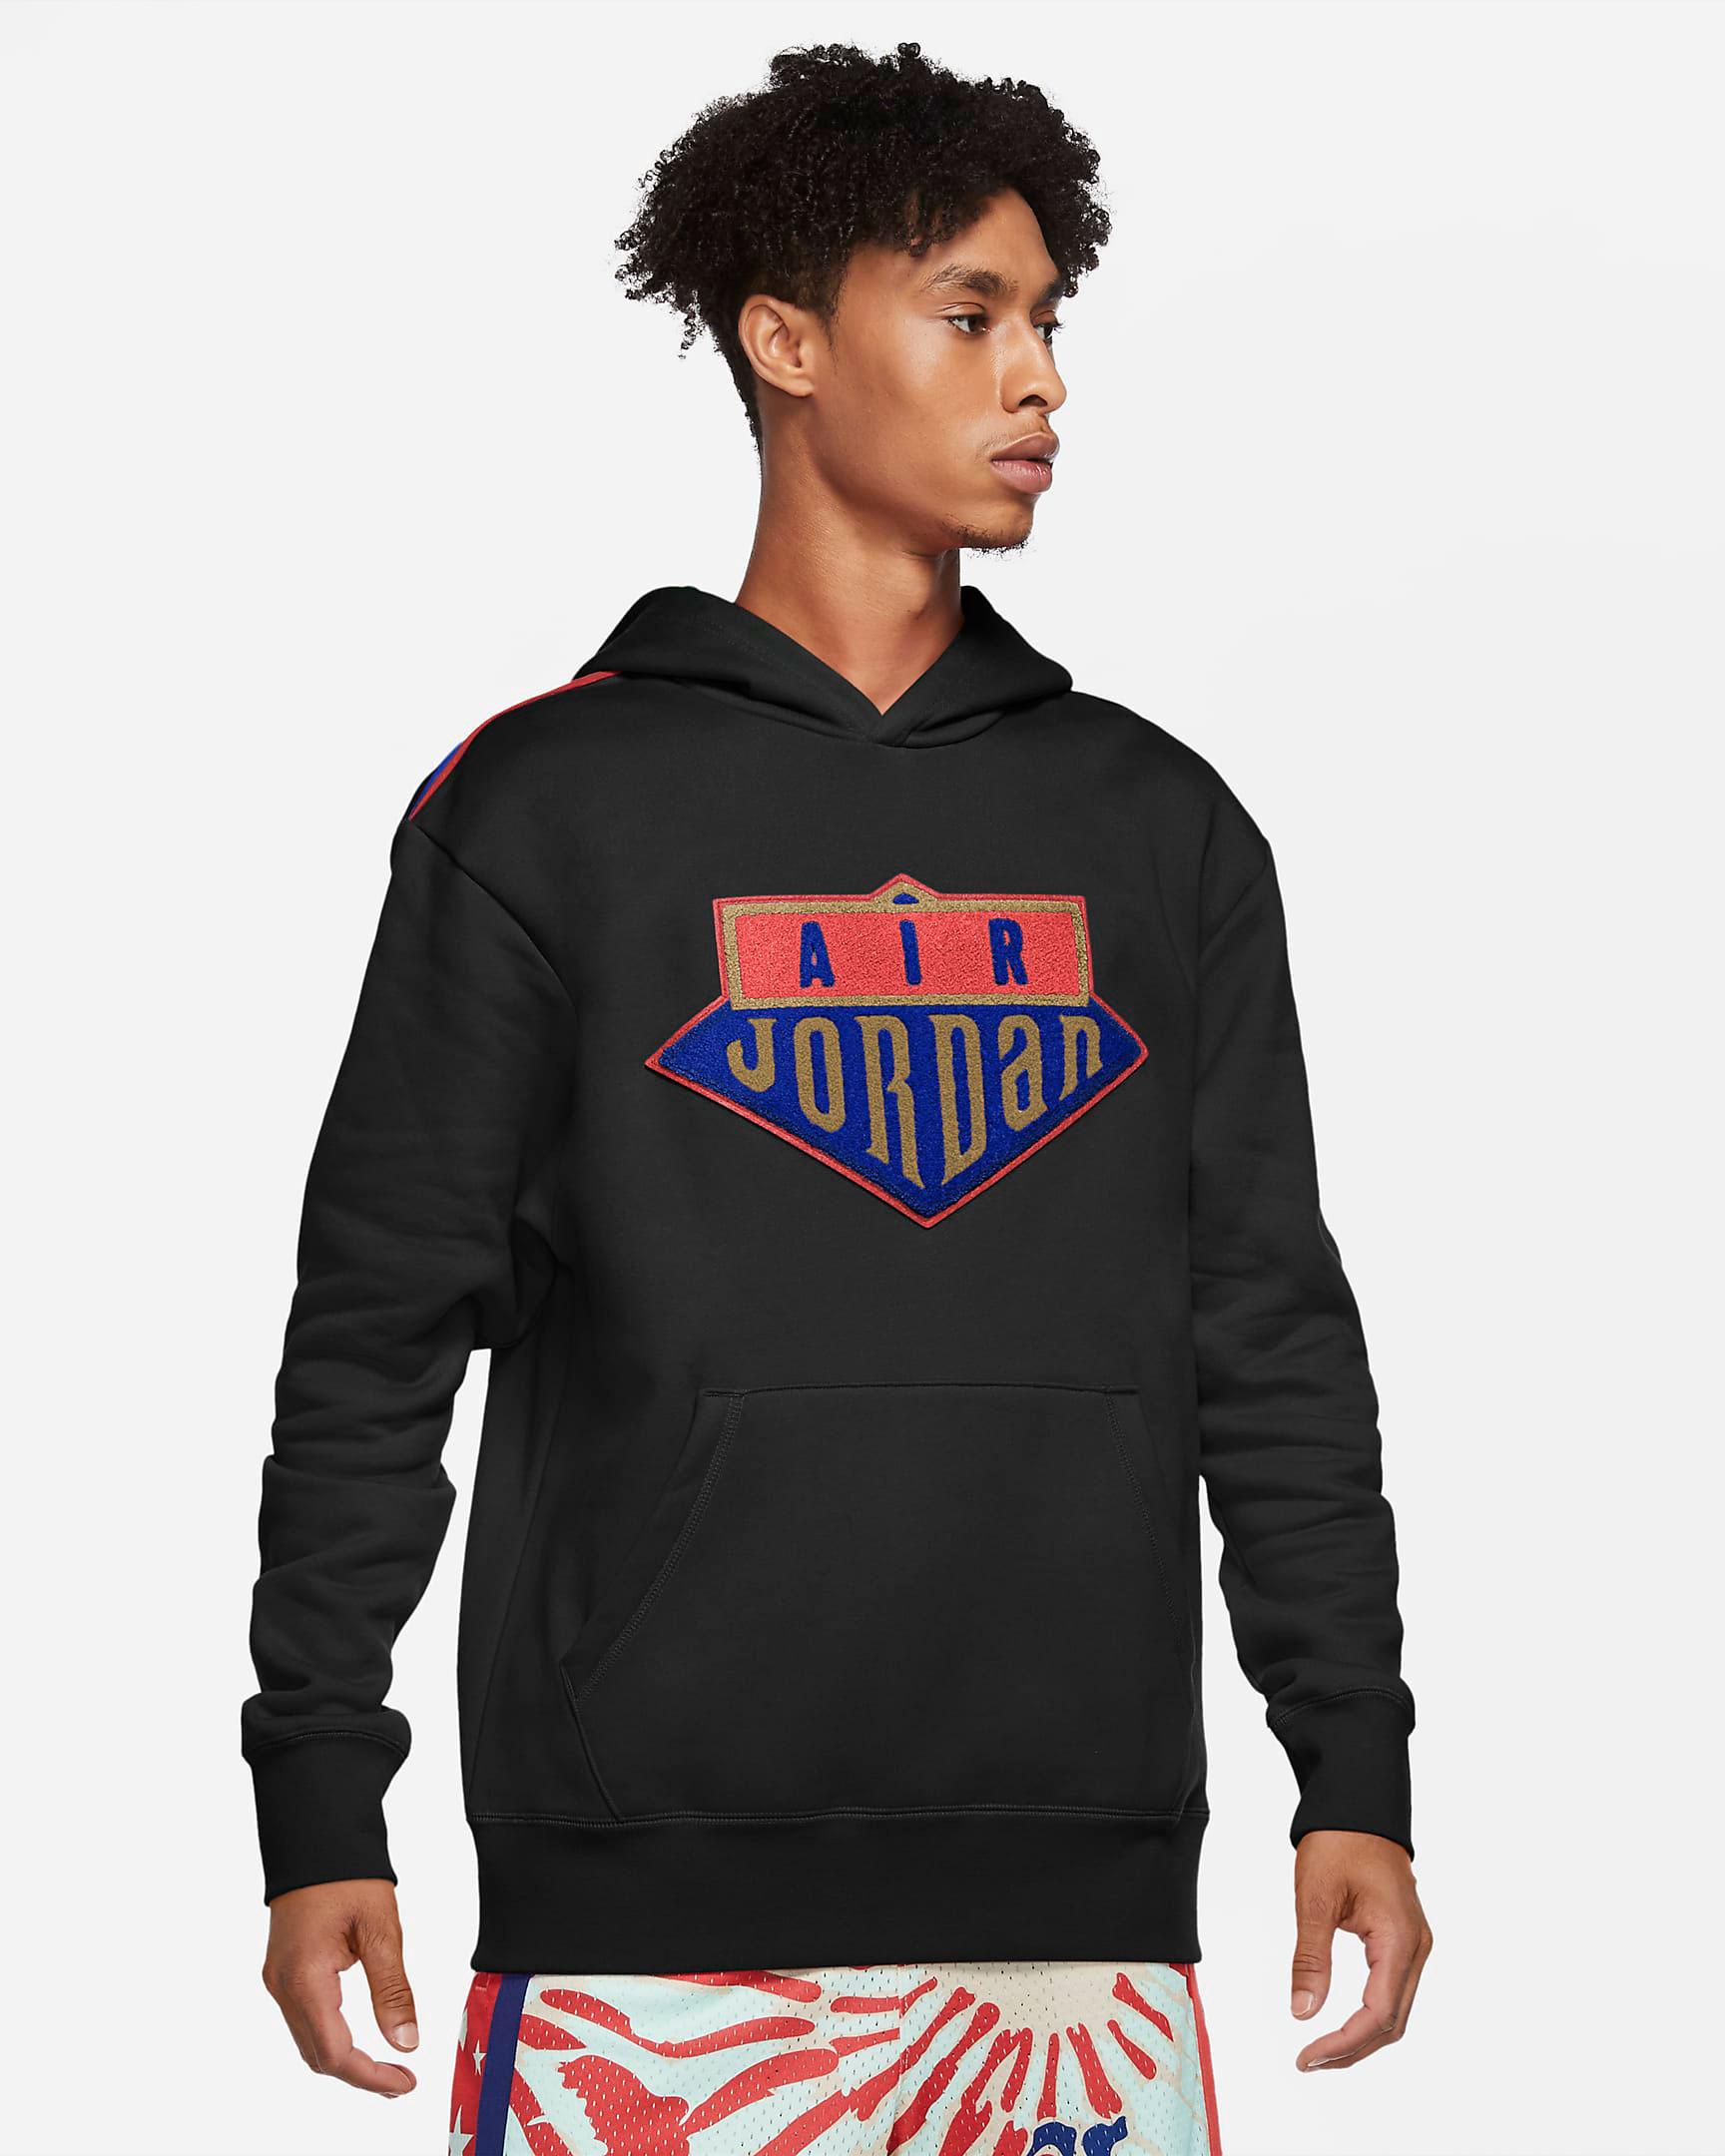 air-jordan-1-low-sweater-nothing-but-net-hoodie-1